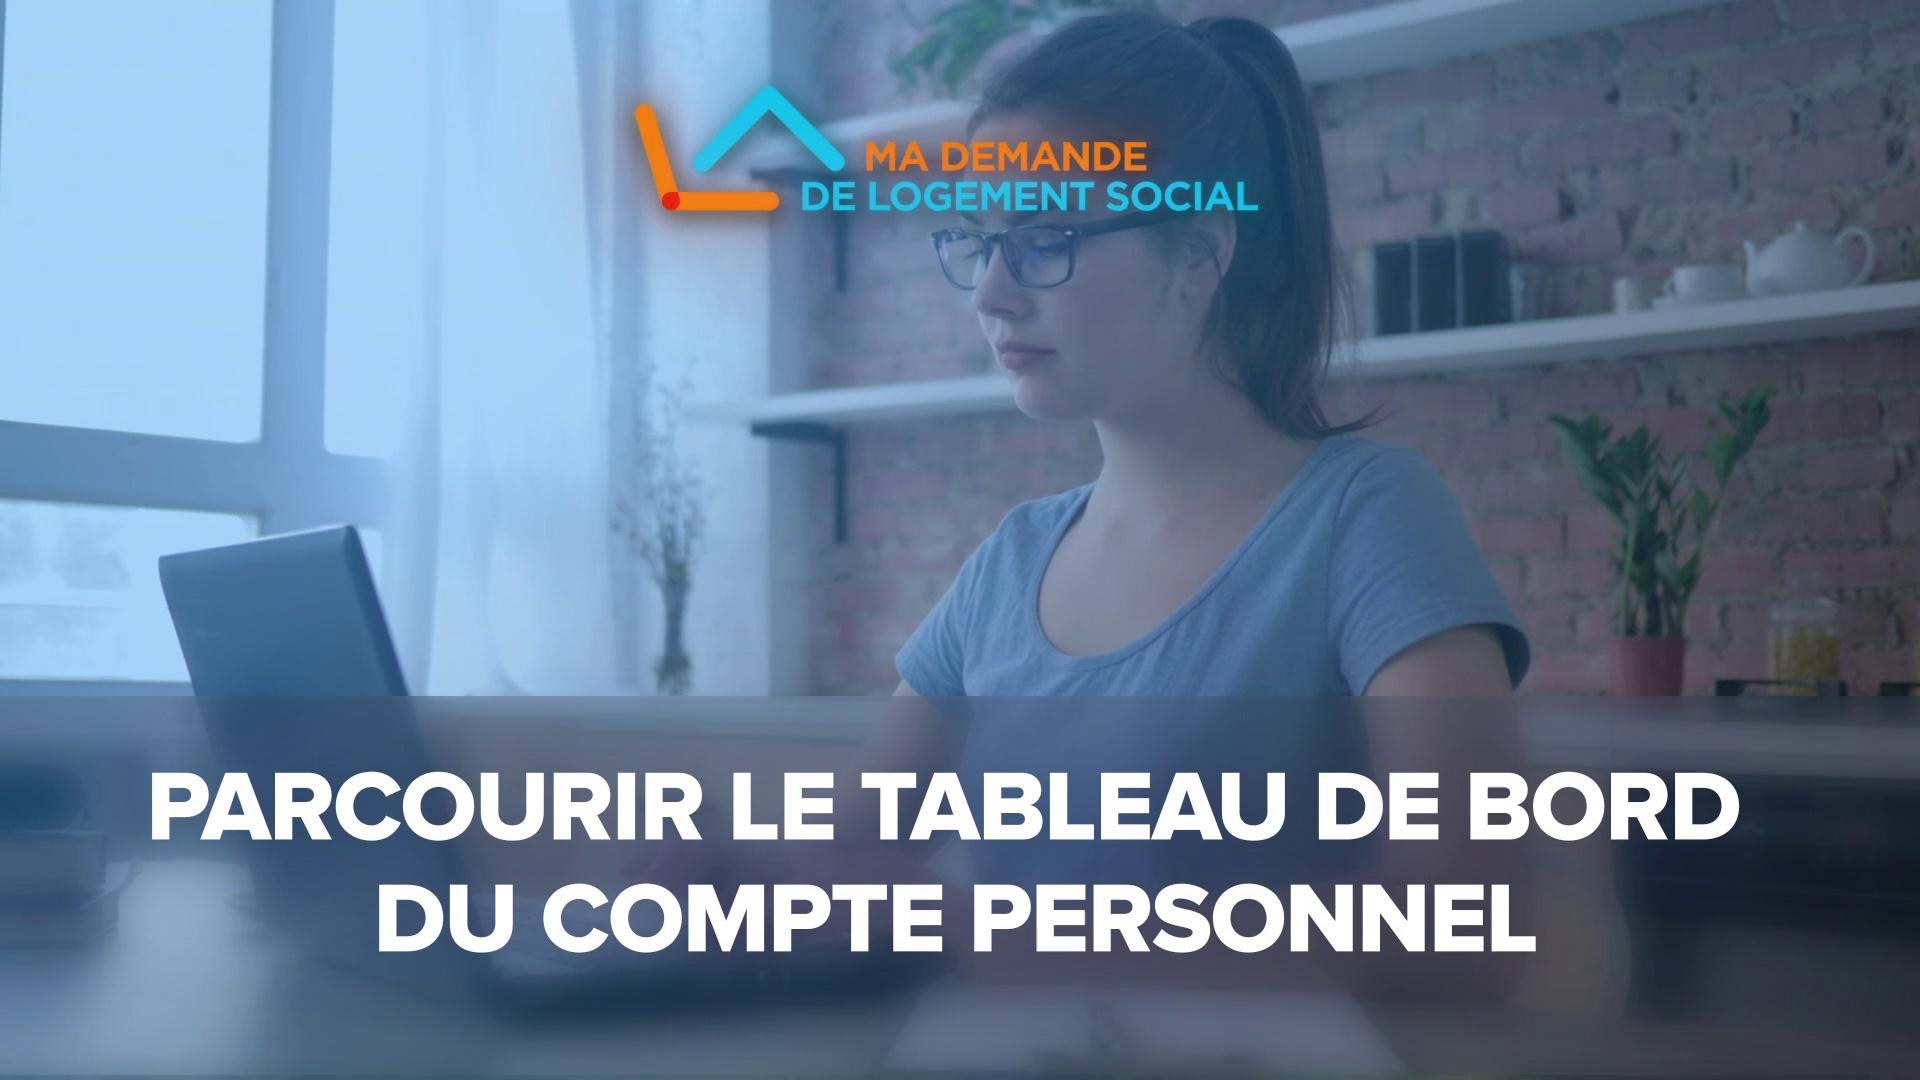 Dailymotion Video: 4-  Gérer les demandes de logement social sur le tableau de bord du site  www.demande-logement-social.gouv.fr »